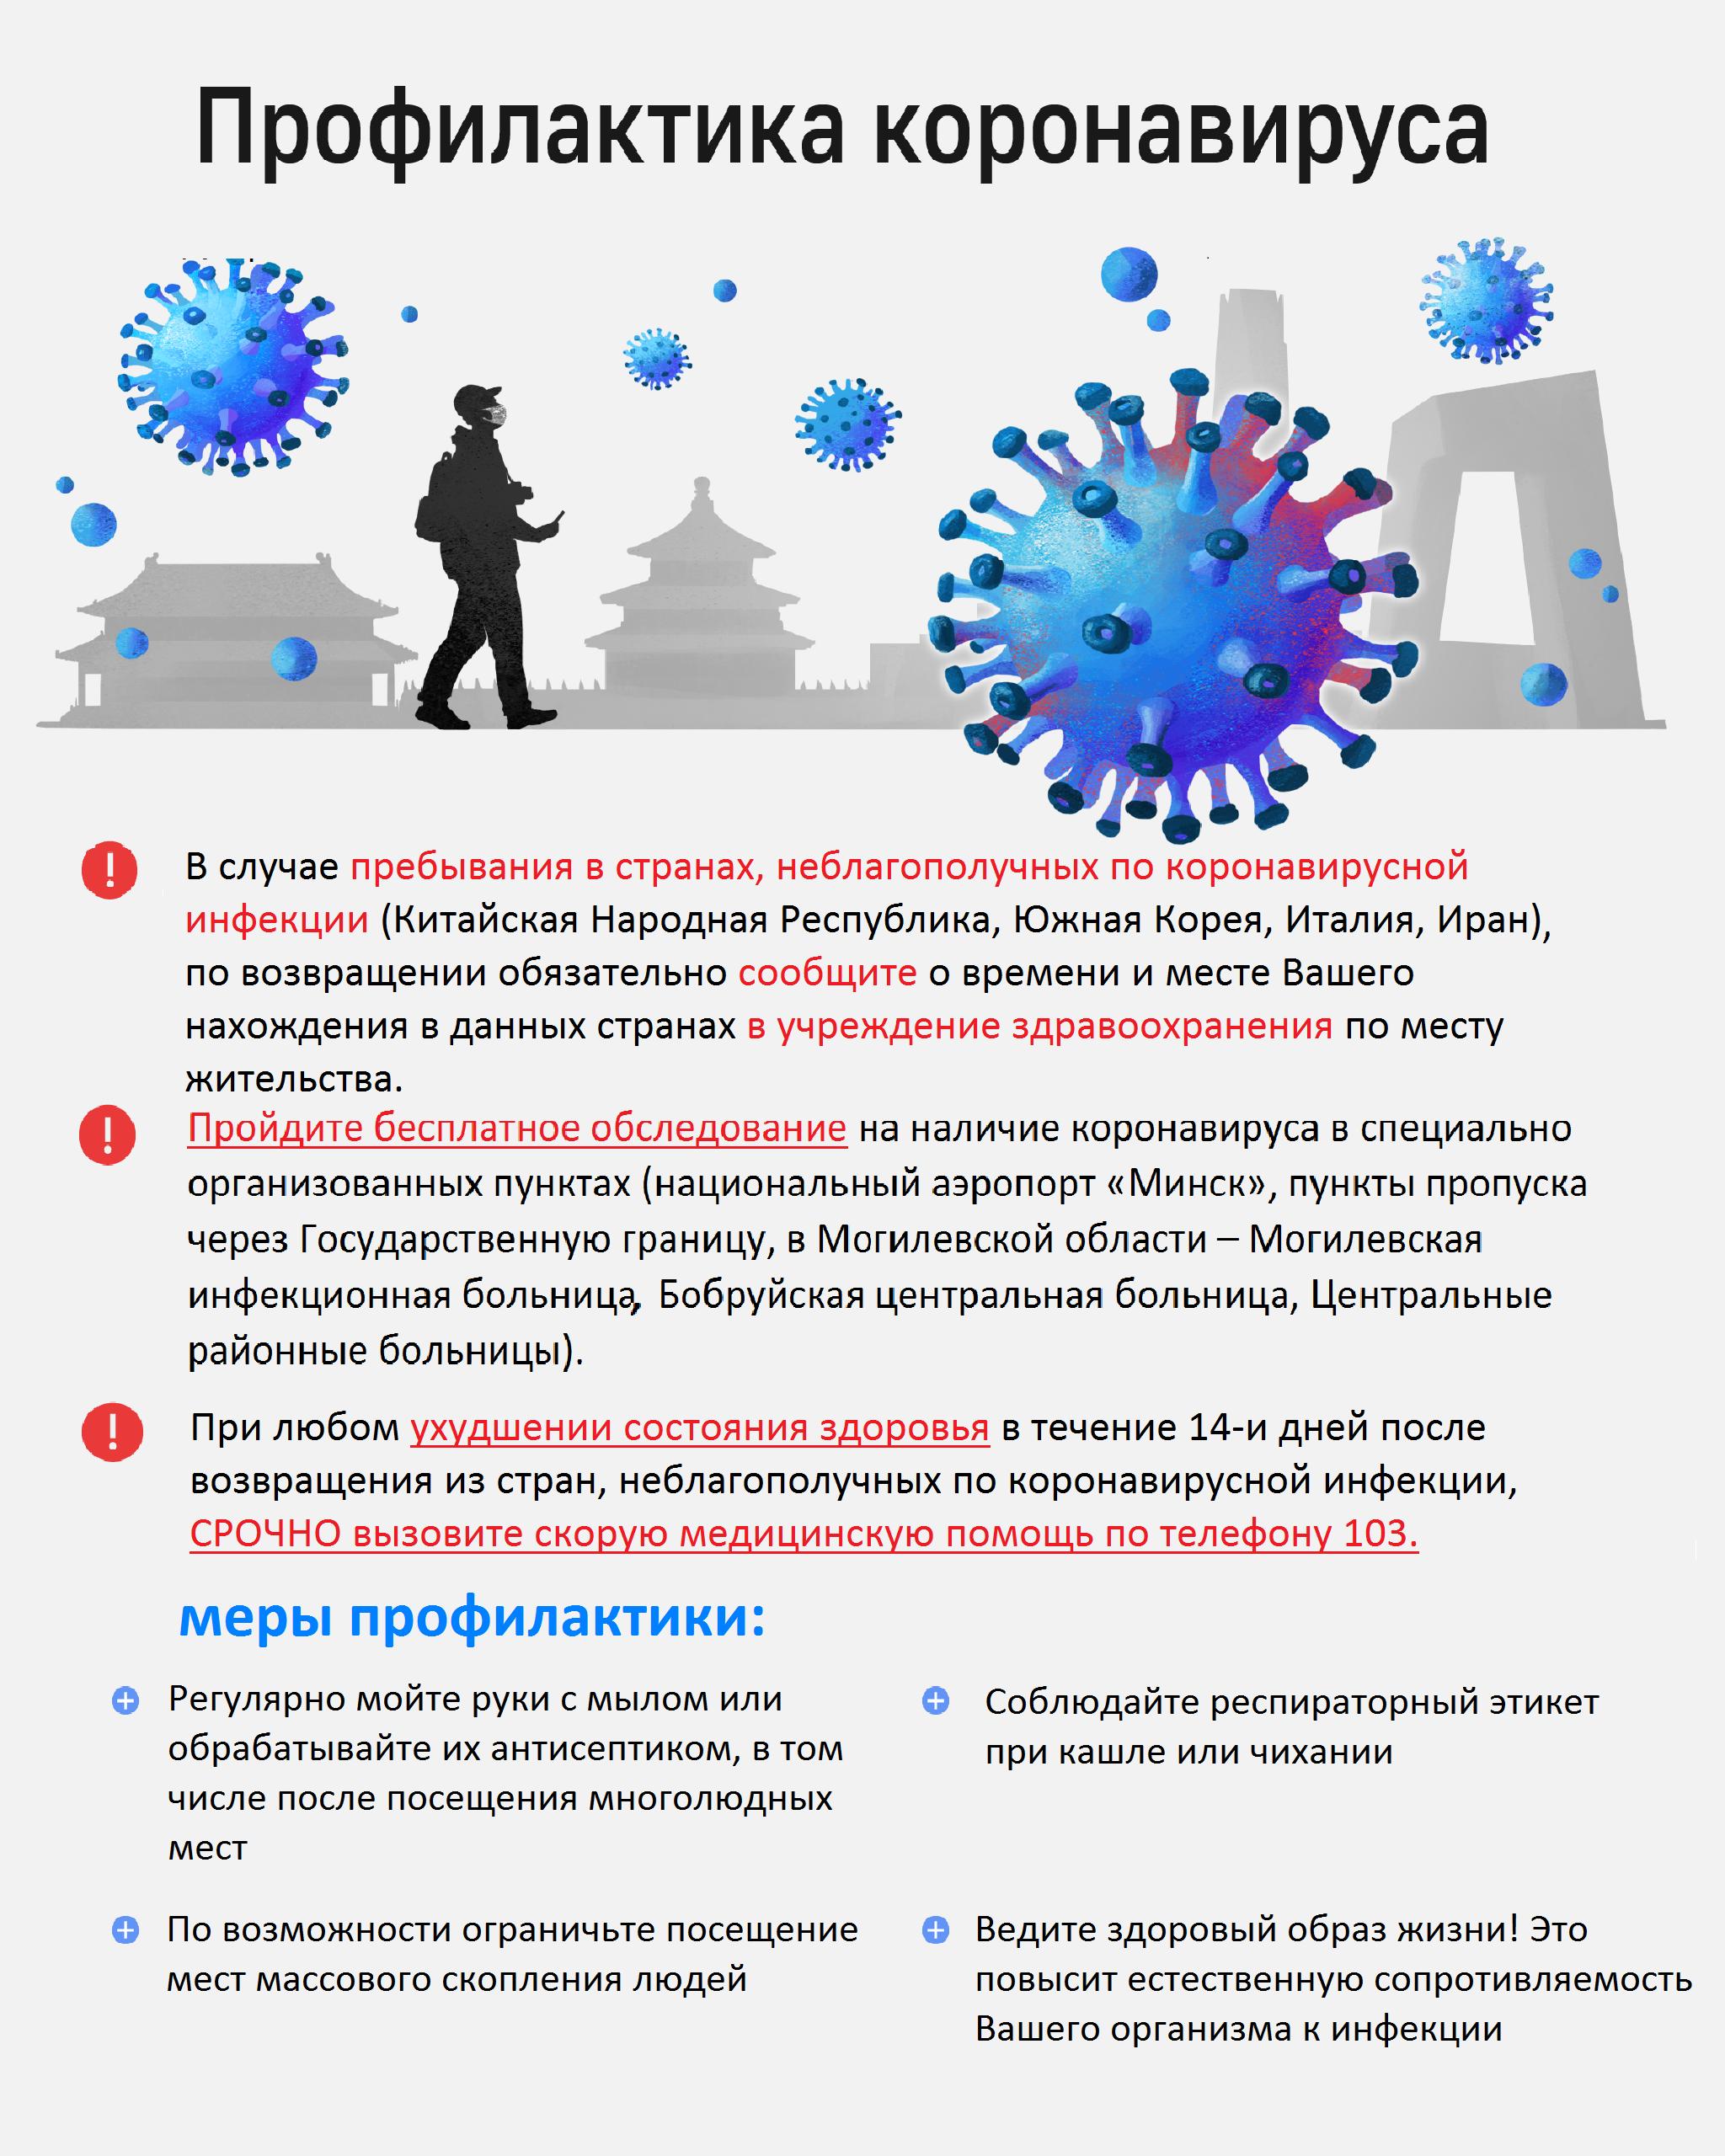 санитарно-противоэпидемические мероприятия по недопущению завоза коронавируса